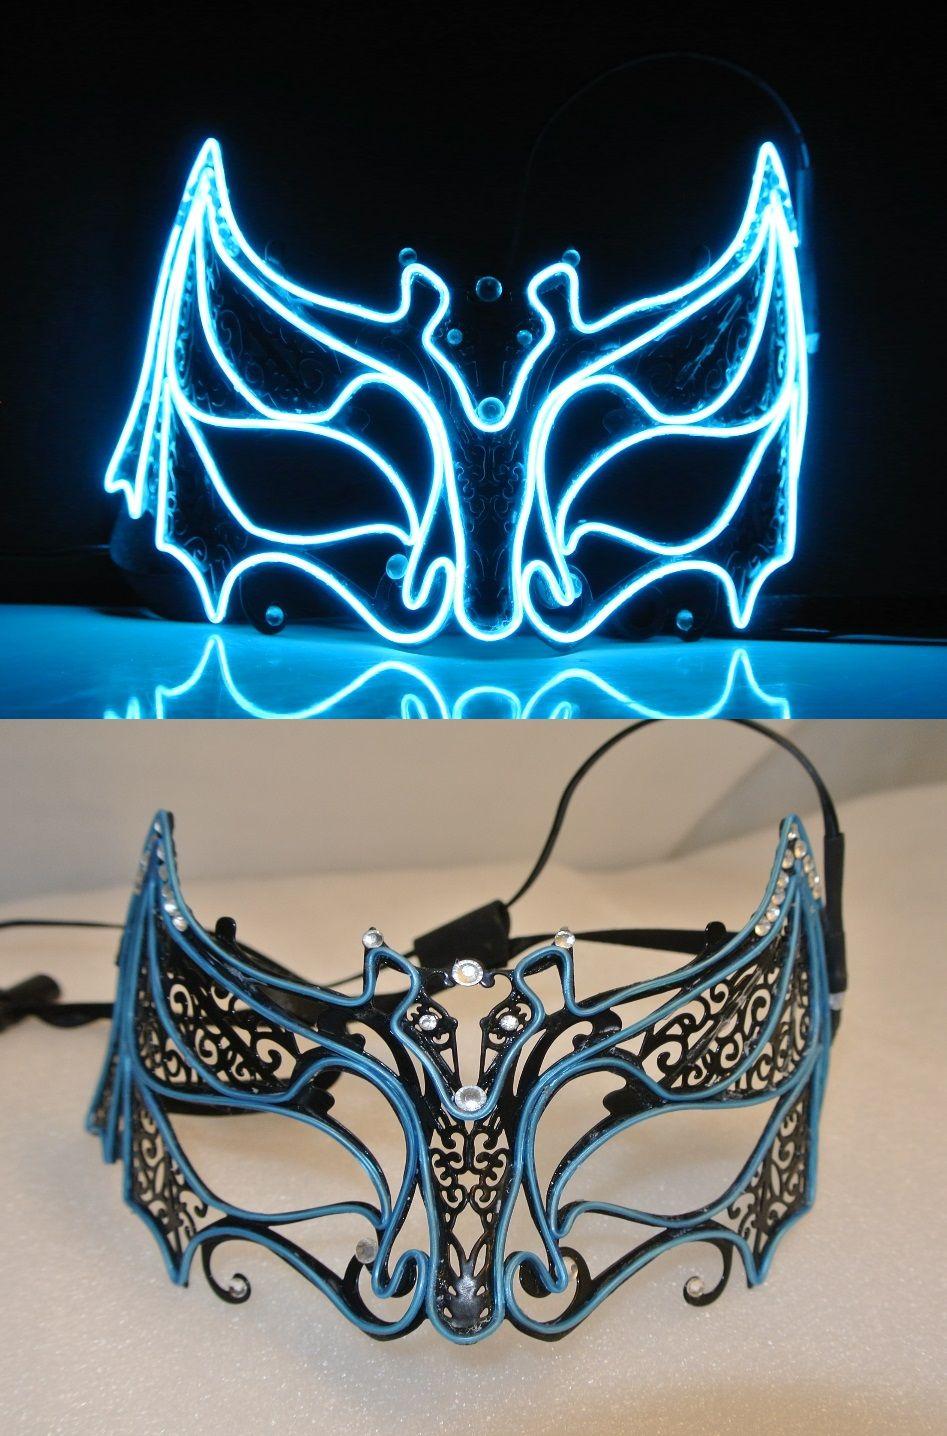 Custom EL wire mask. Qitawear.com | JWR Designs (qitawear.com ...